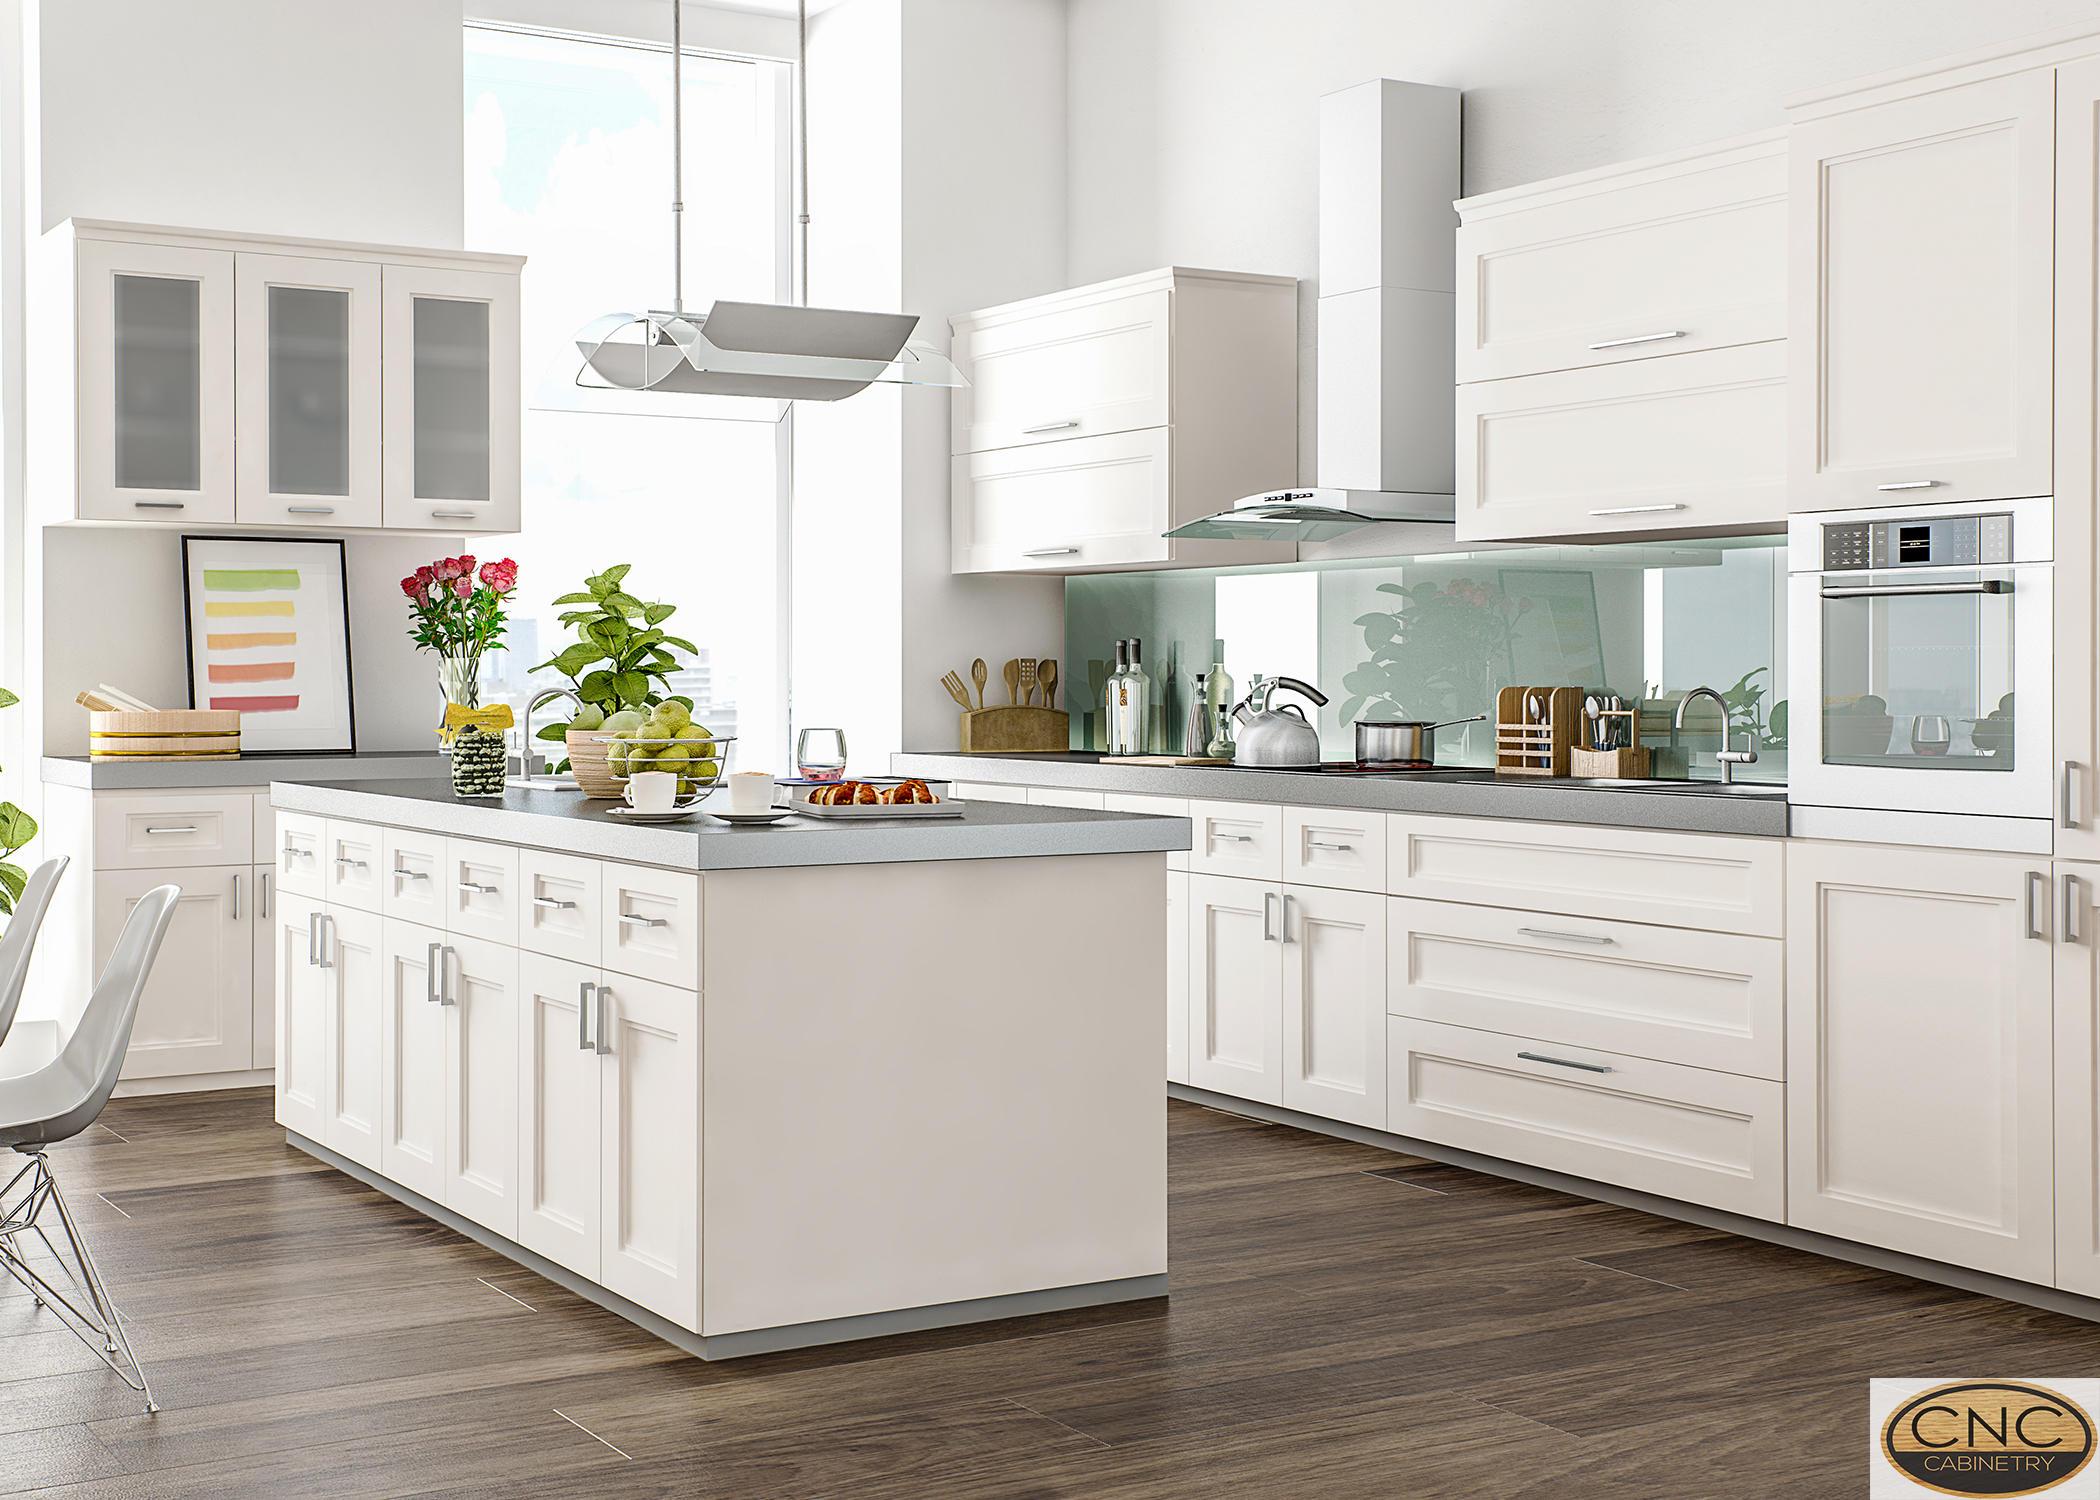 Kijiji London Ontario Used Kitchen Cabinets